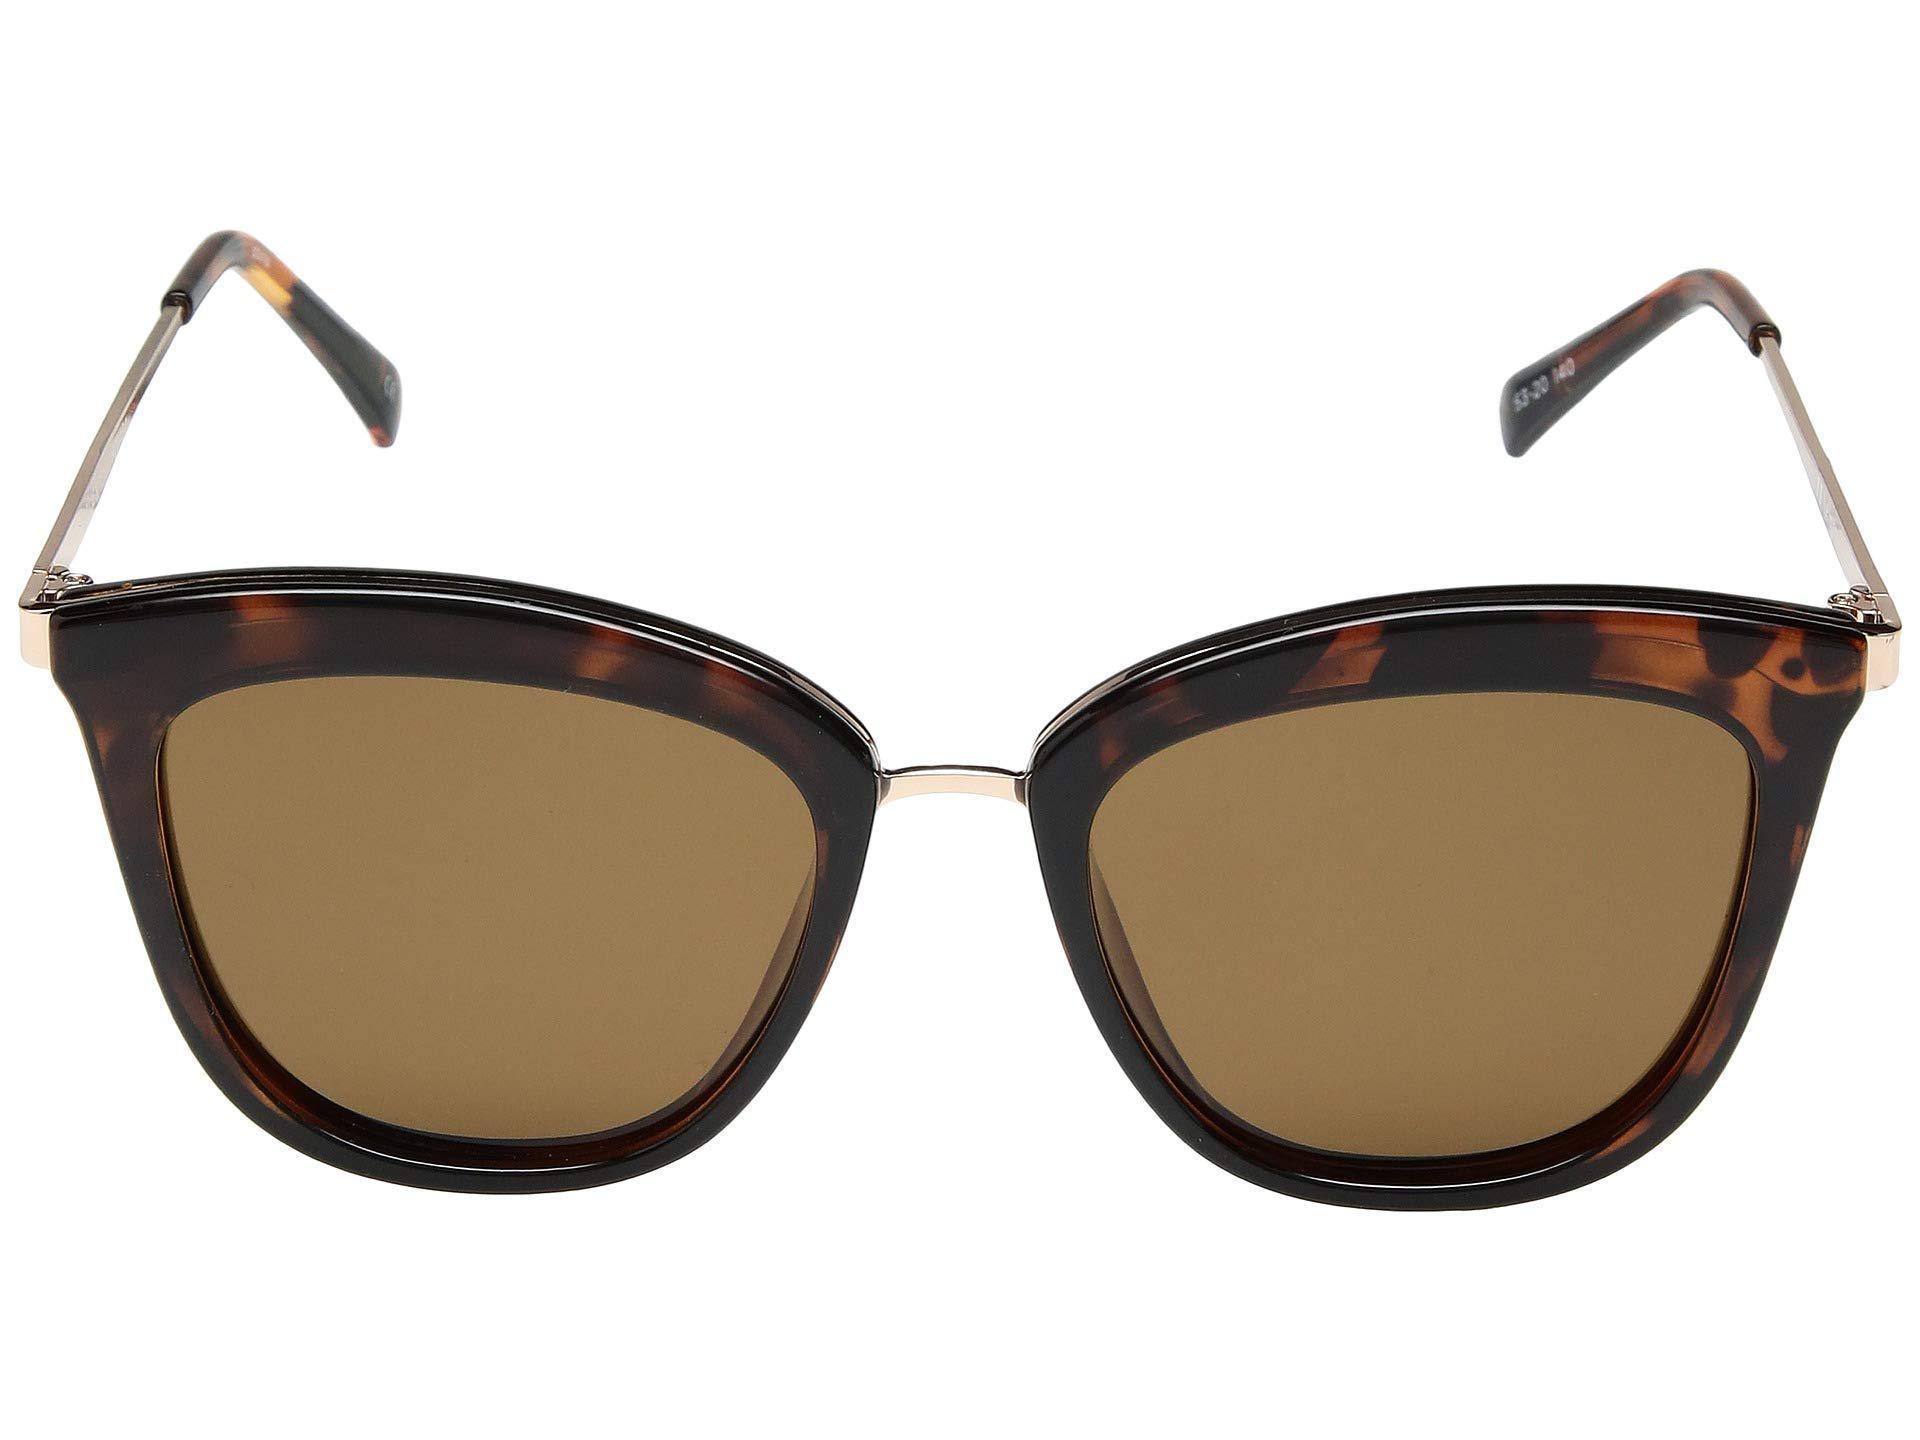 675dd876c60d0 Le Specs - Multicolor Caliente (tortoise) Sport Sunglasses - Lyst. View  fullscreen